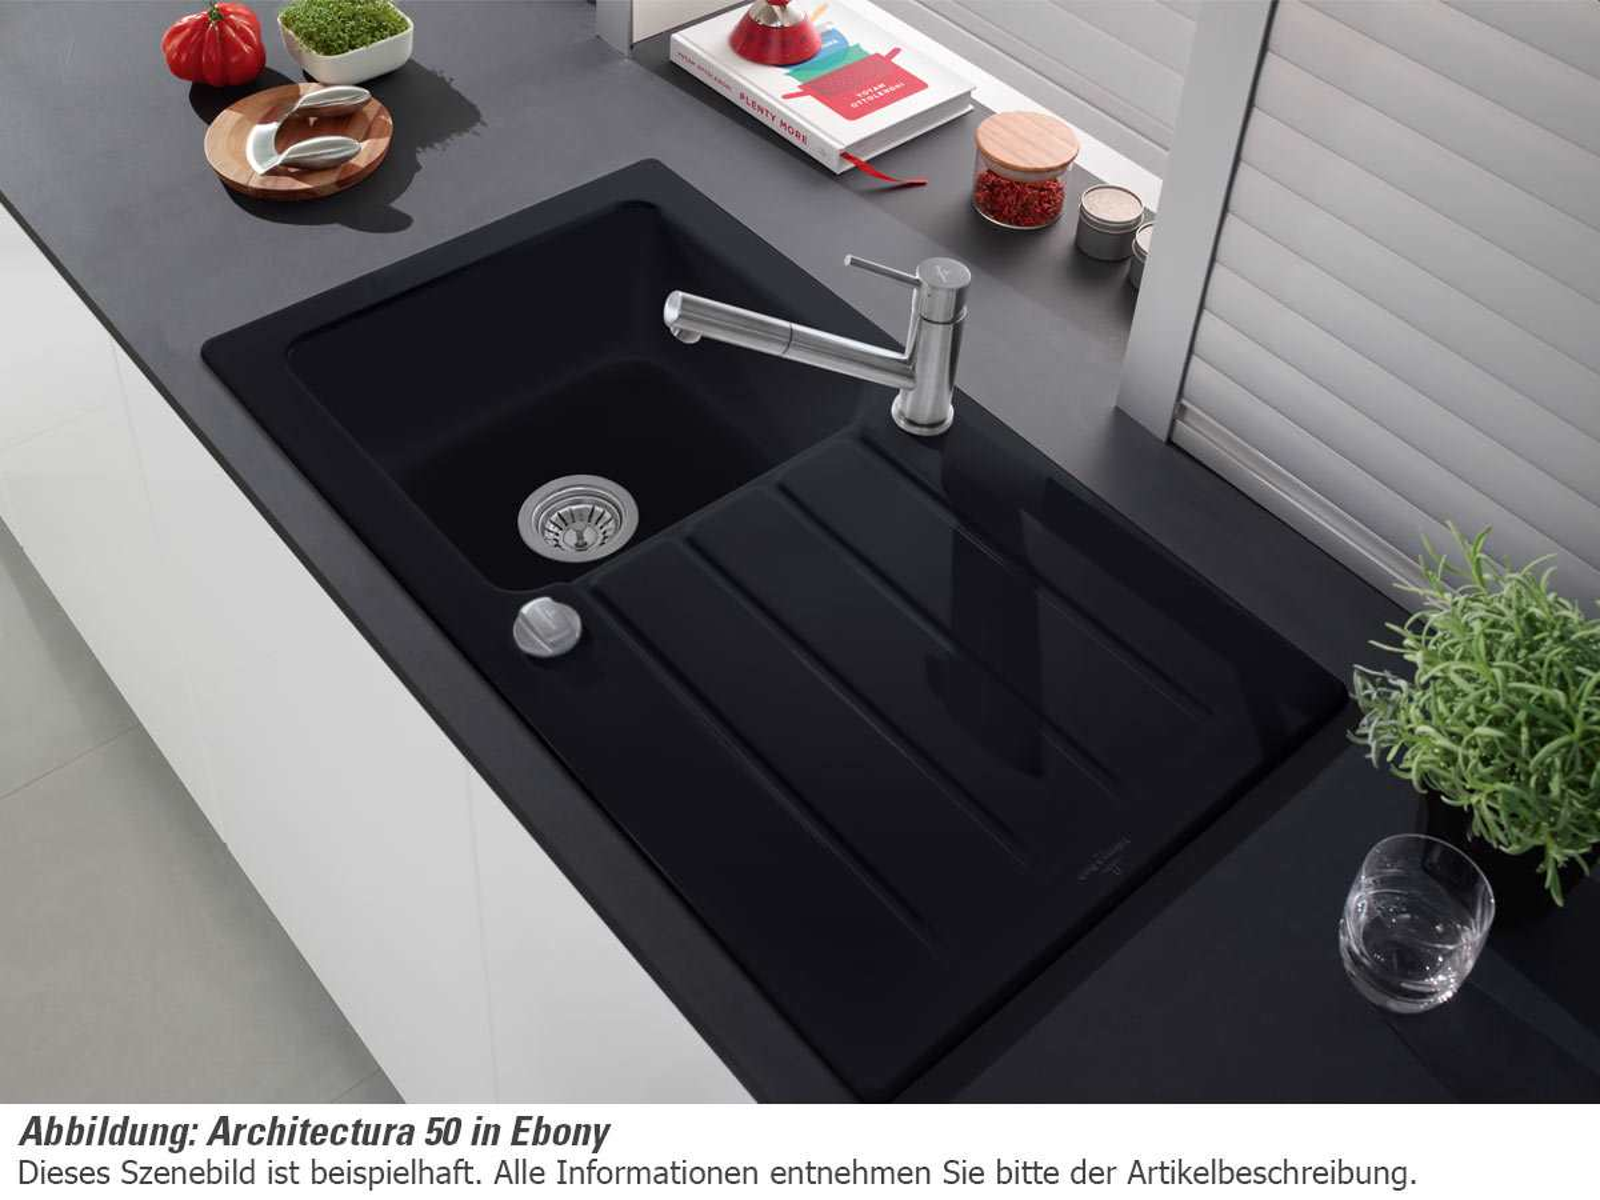 Villeroy & Boch Architectura 50 - 3350 02 SM Steam Keramikspüle Exzenterbetätigung